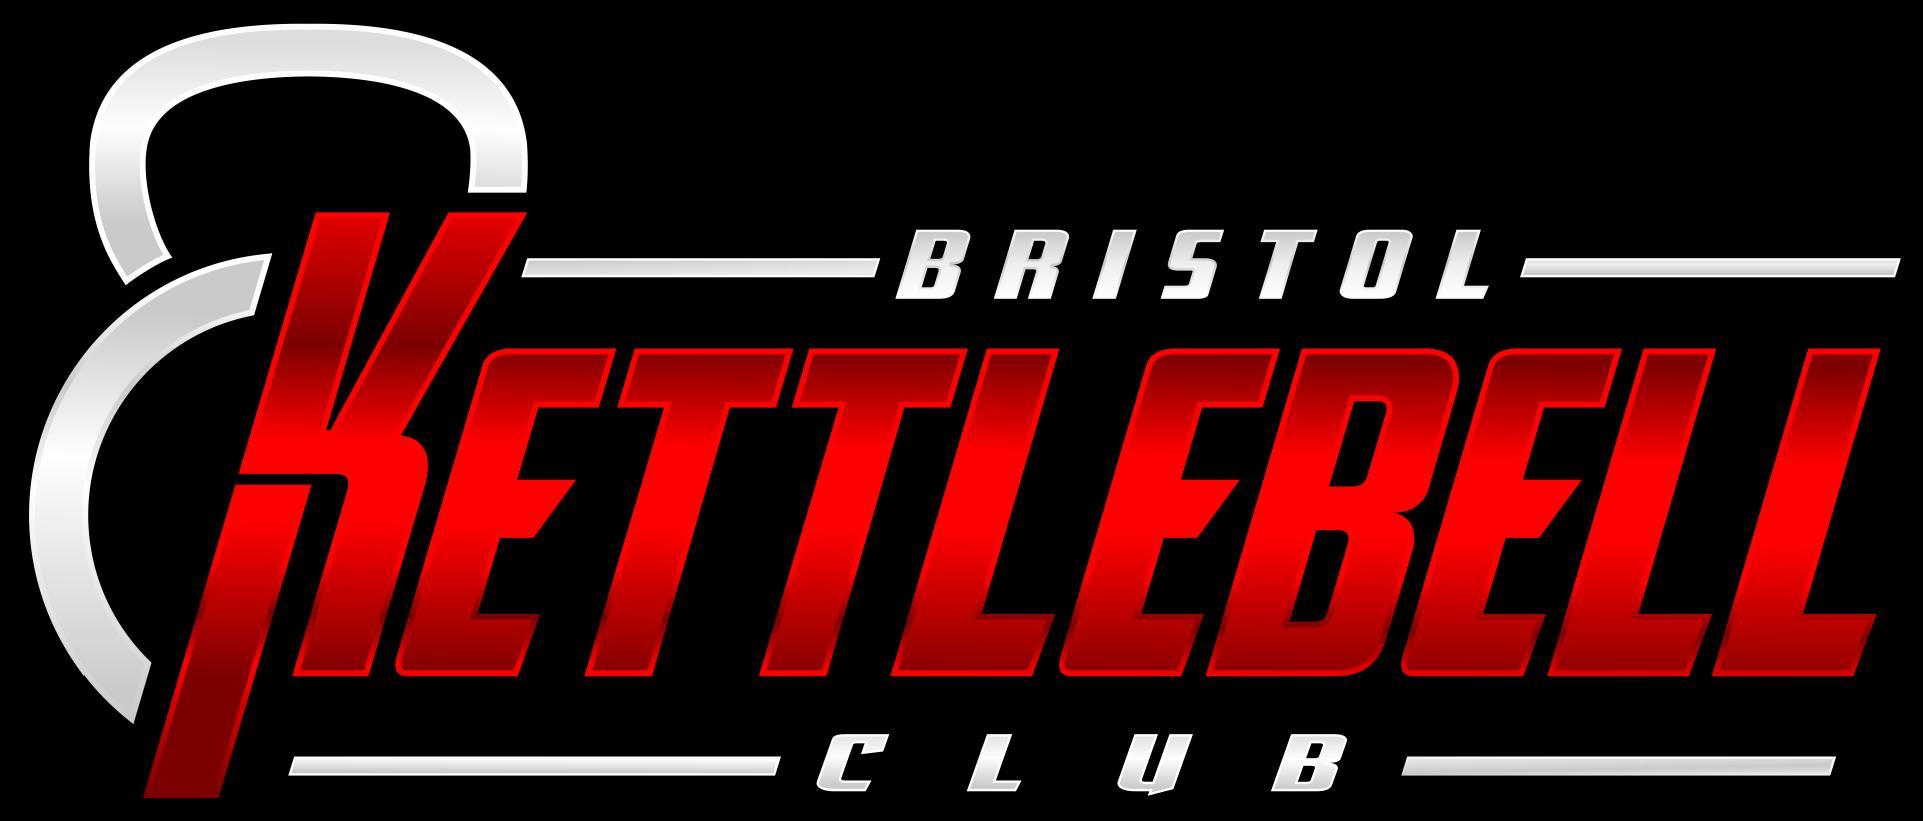 Bristol Kettlebell